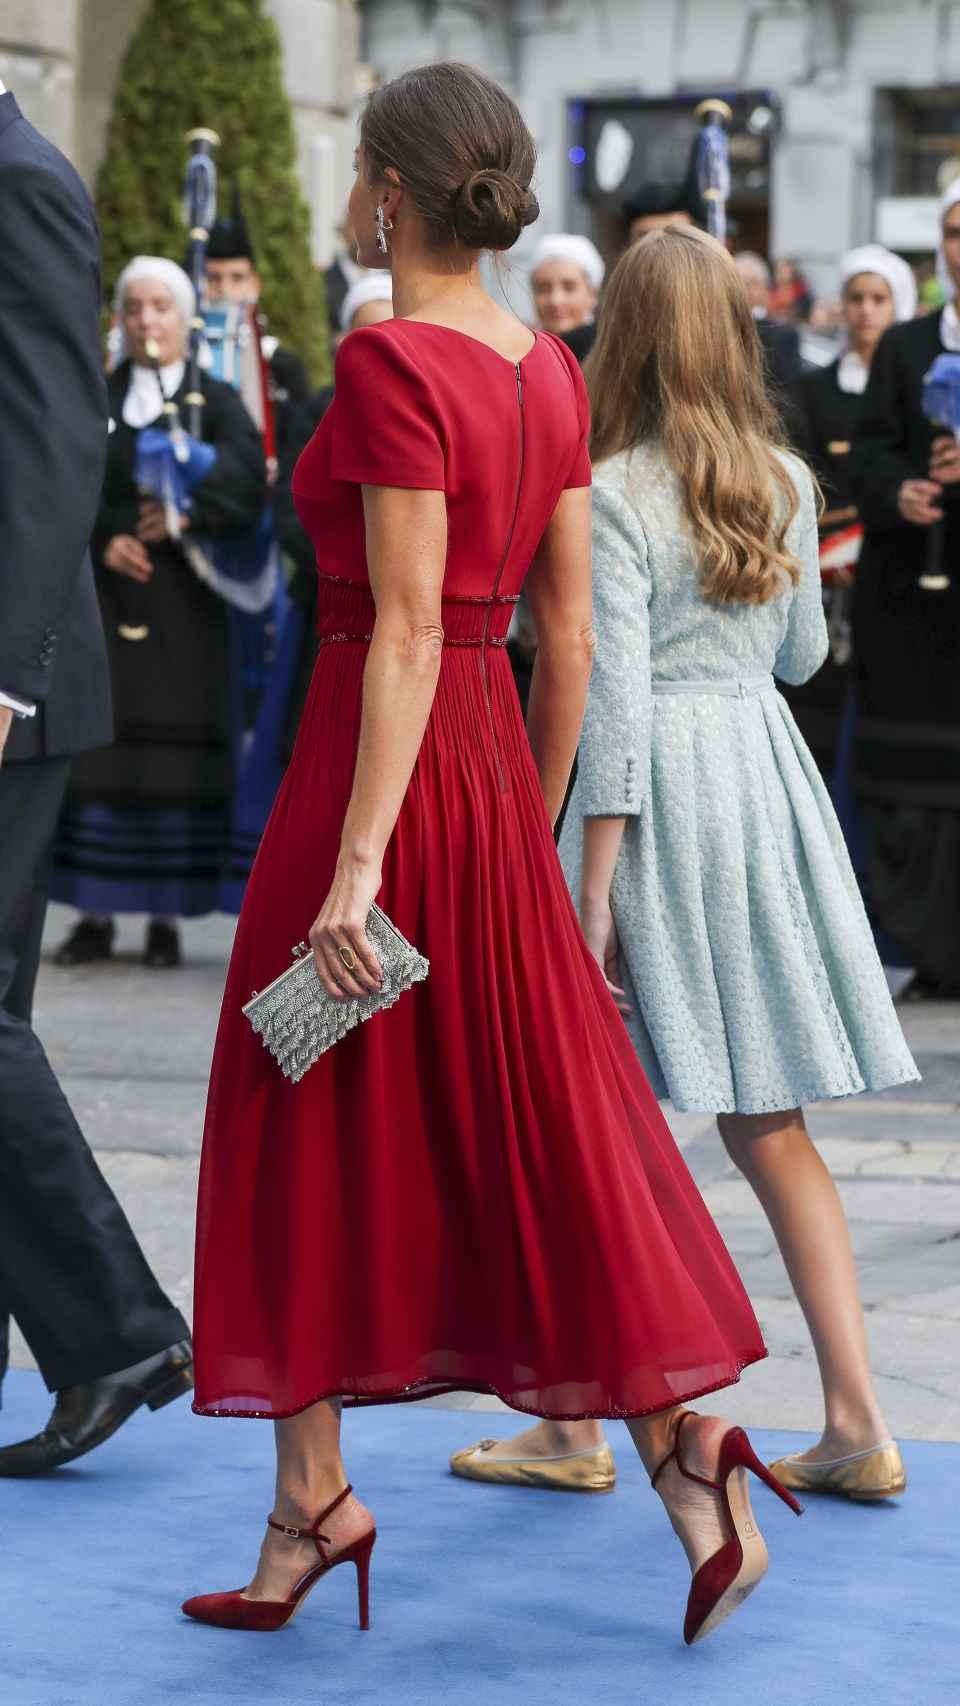 La reina Letizia entrando en el teatro Campoamor (Oviedo).